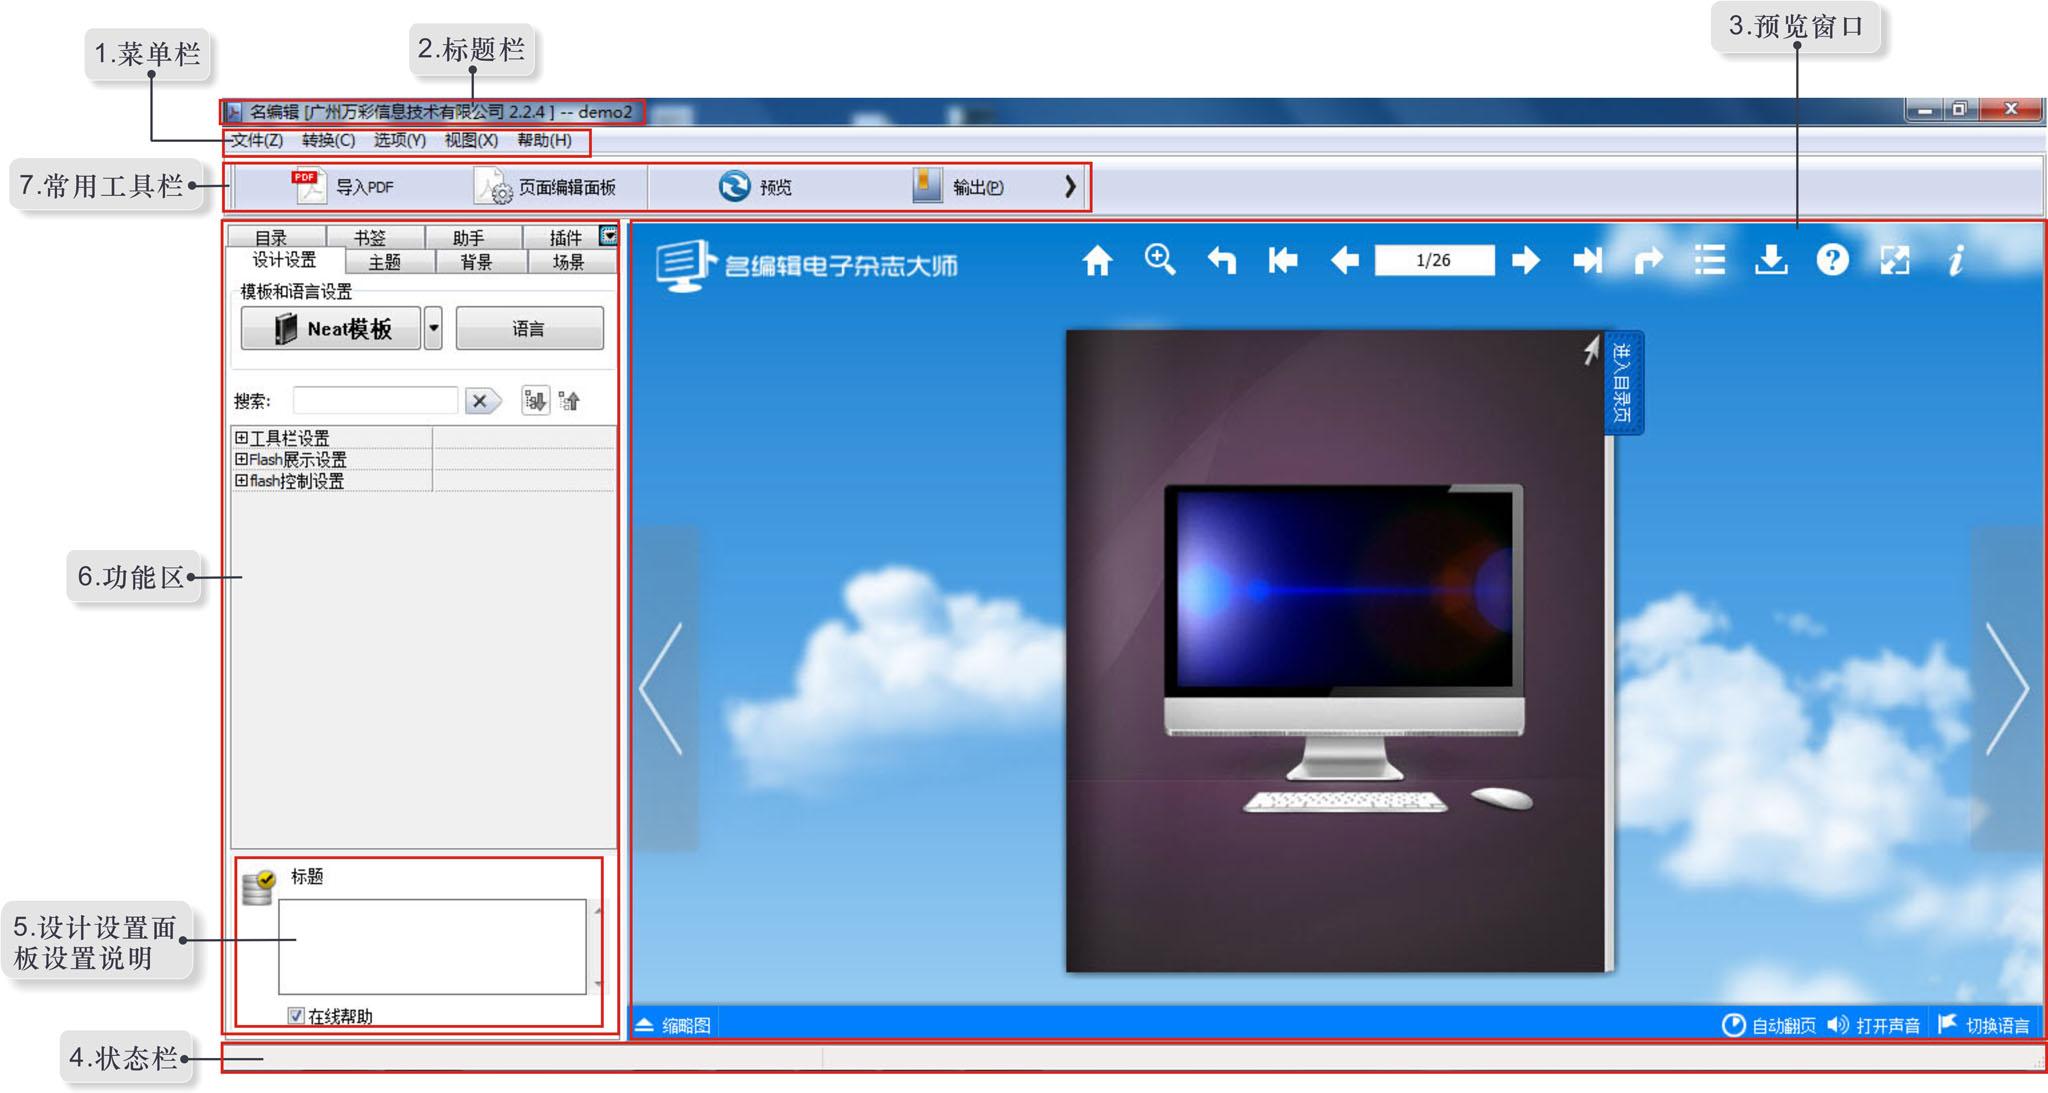 名编辑电子杂志大师操作界面简介 电子杂志制作软件